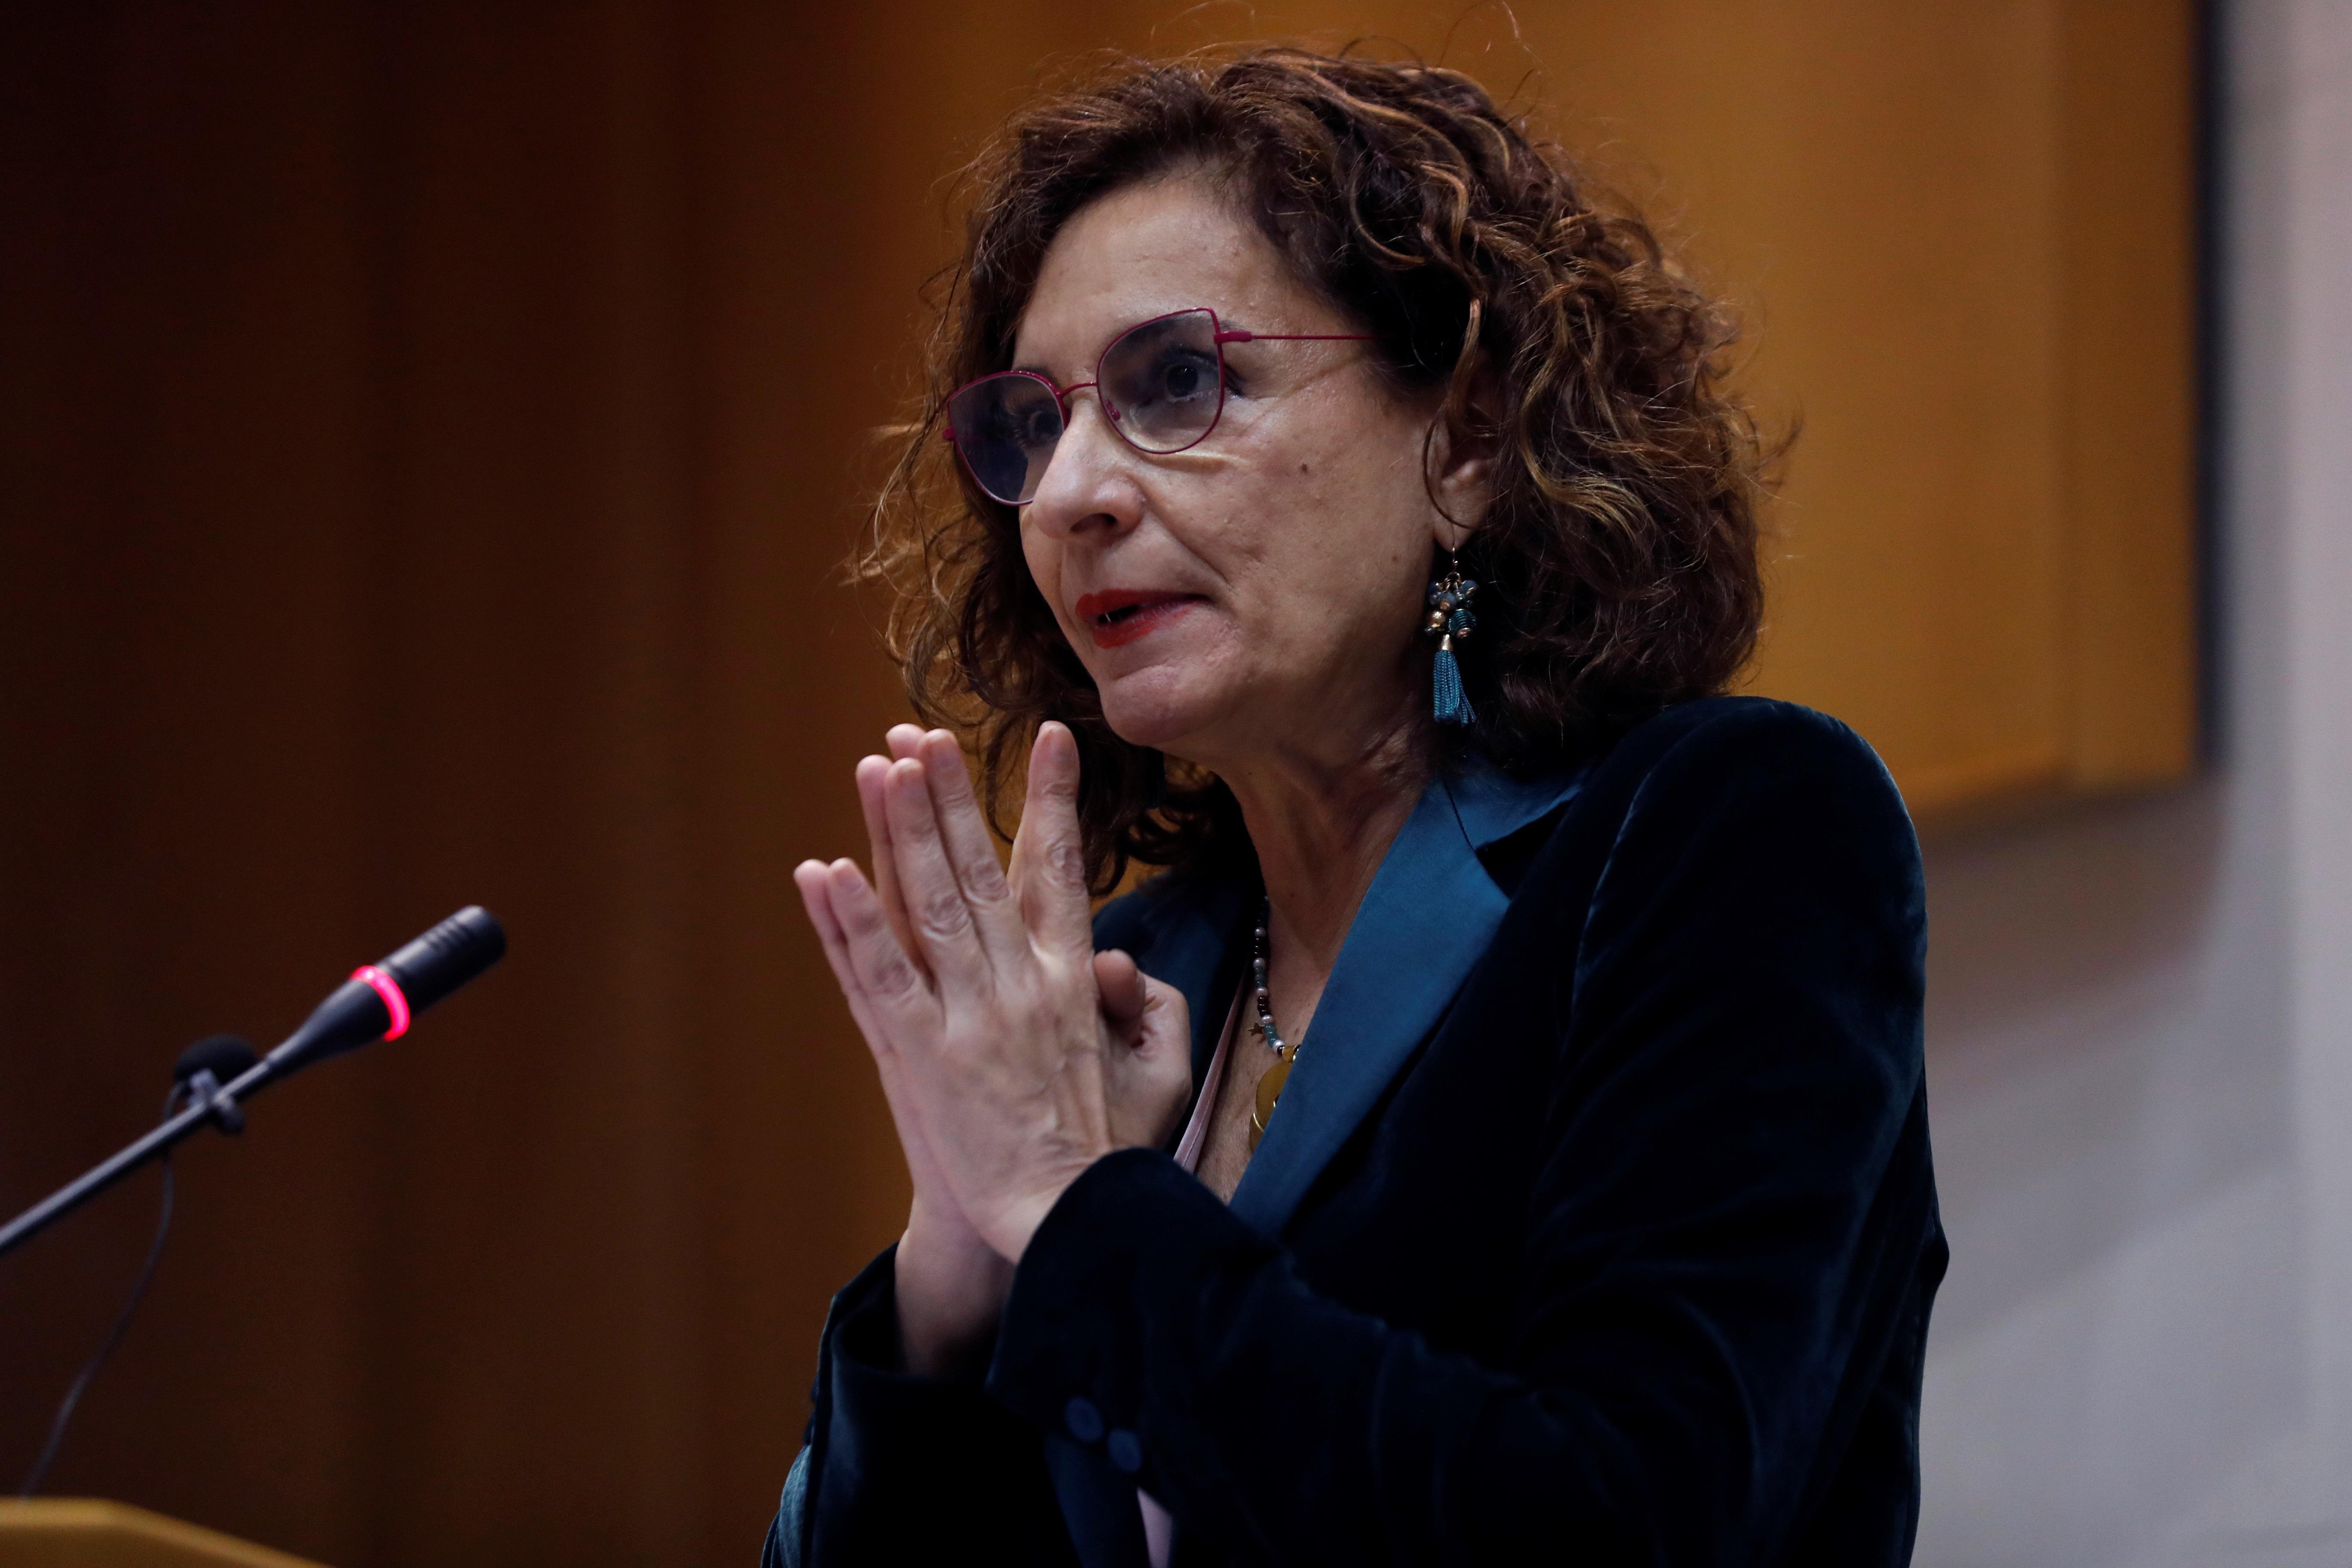 La ministra de Hacienda, María Jesús Montero, en el Instituto de Estudios Fiscales (IEF) en Madrid este lunes .